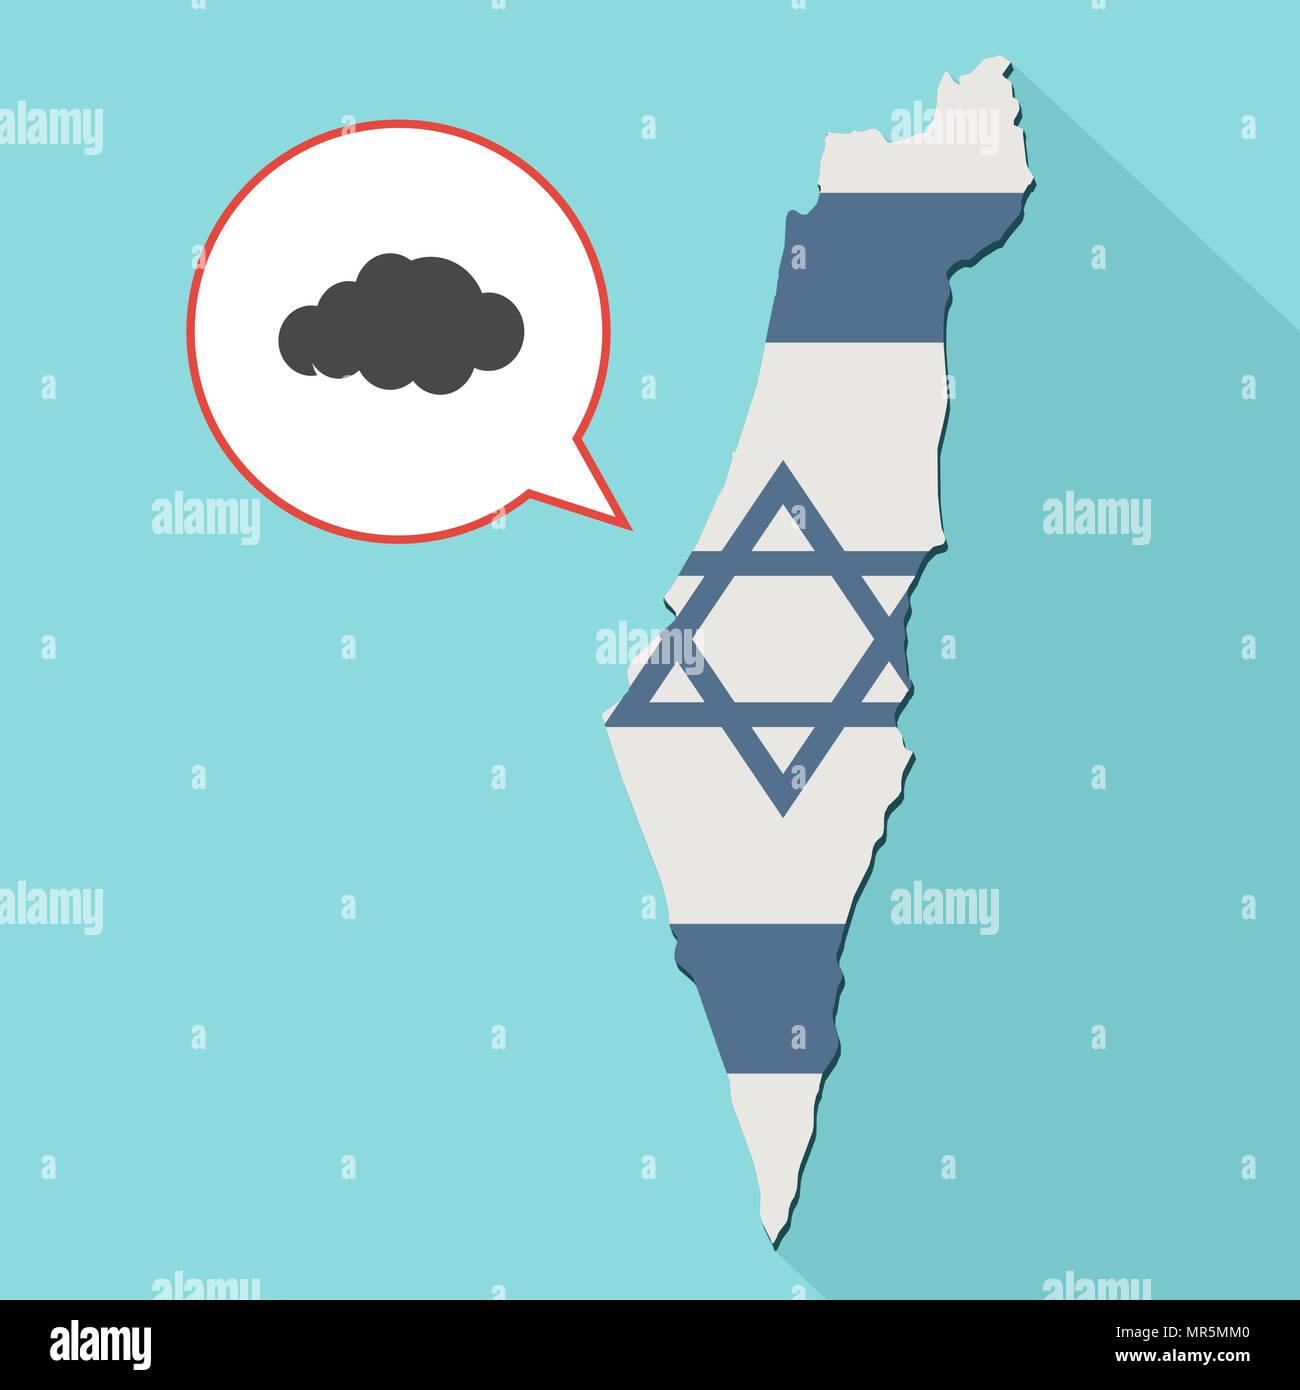 Ilustración de una larga sombra Israel mapa con su bandera y un cómic de globo con una nube Imagen De Stock